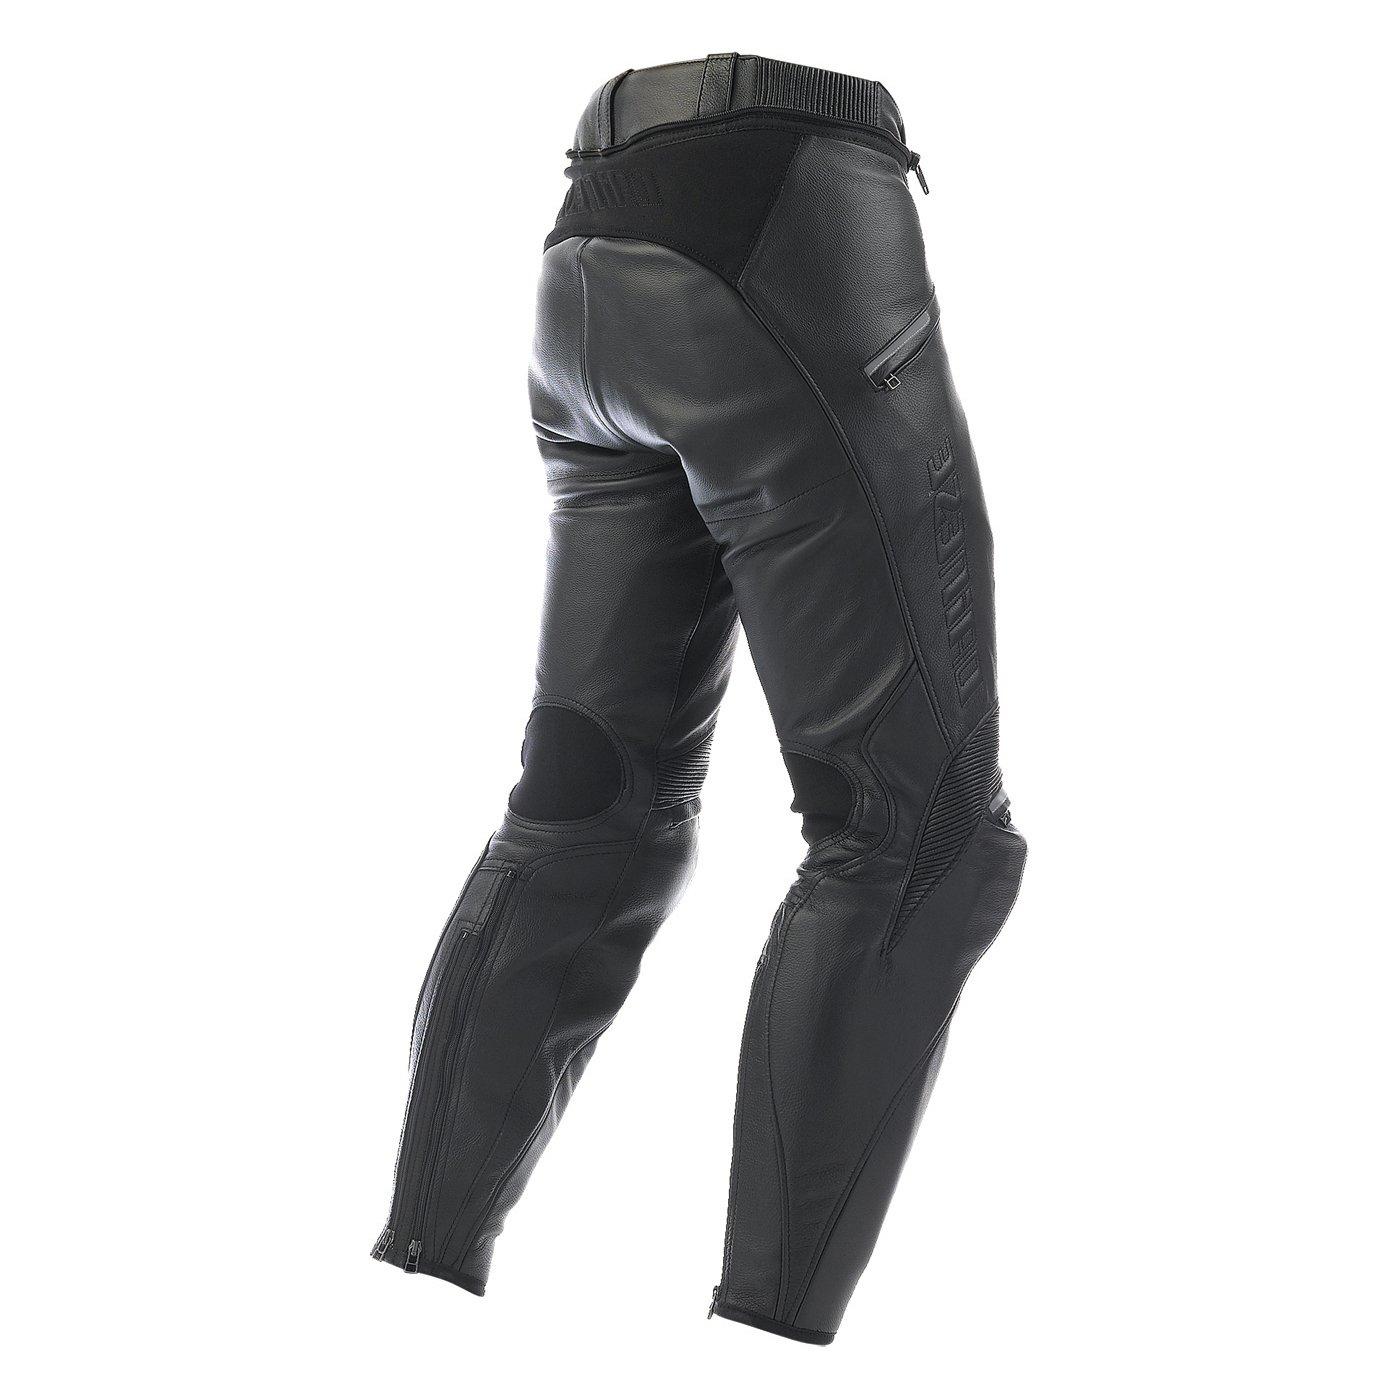 Bestbewertete Mode damen Heiß-Verkauf am neuesten Dainese Lederhose Alien Pelle, Größe 50